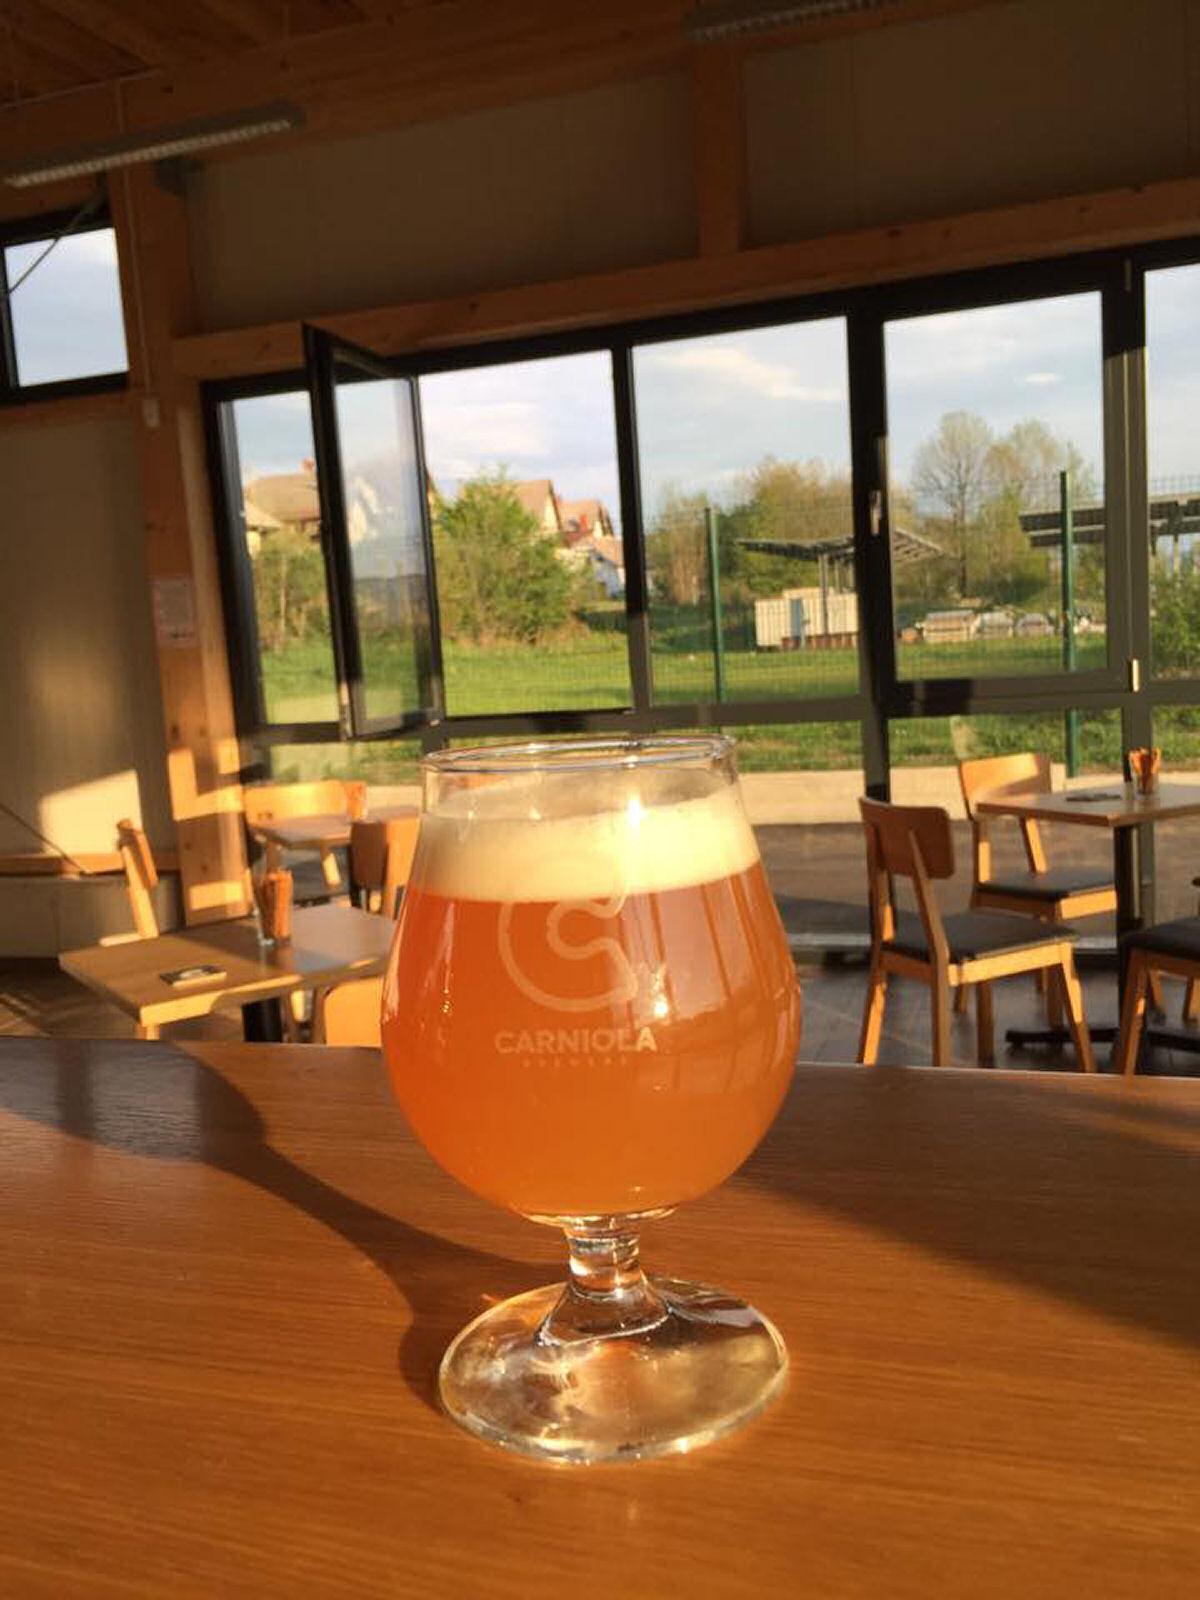 carniola-brewery-beer-zirovnica